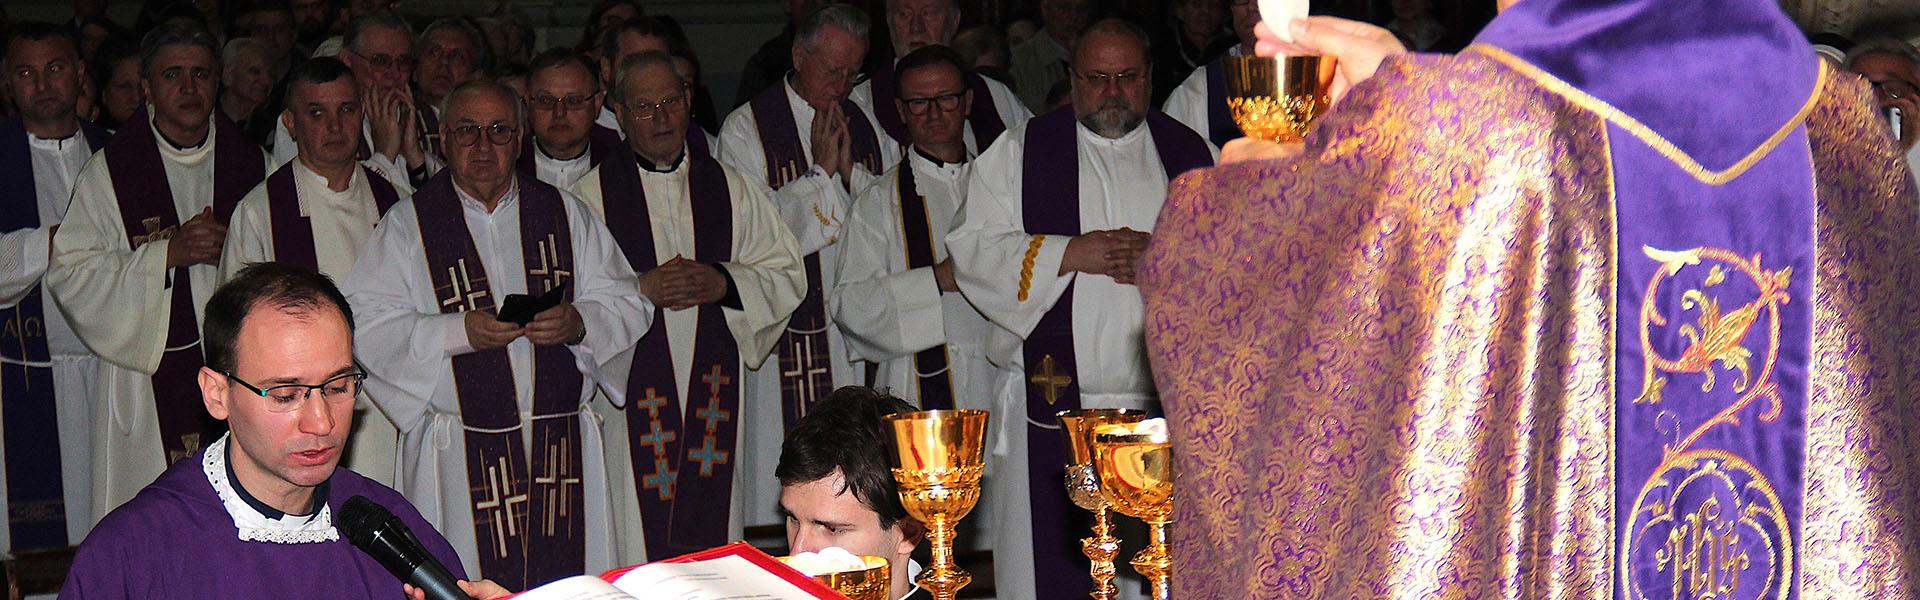 Homélie à la Basilique du Sacré-Cœur, à Zagreb, Croatie, le 22 mars 2019